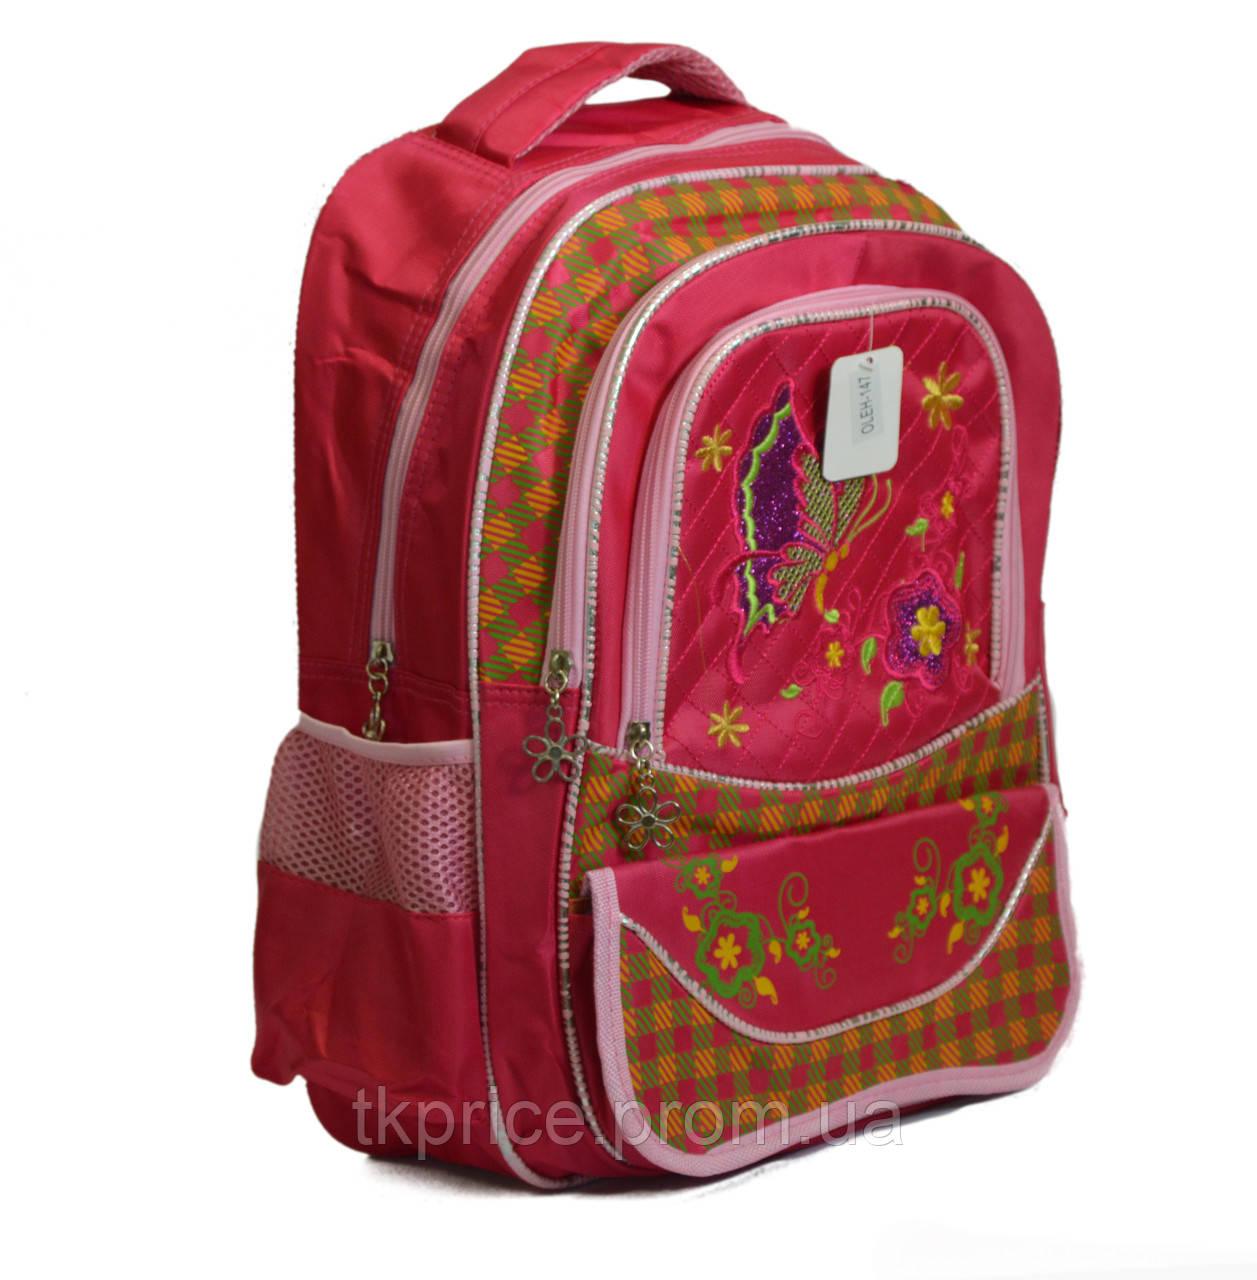 Школьный рюкзак для девочки красный